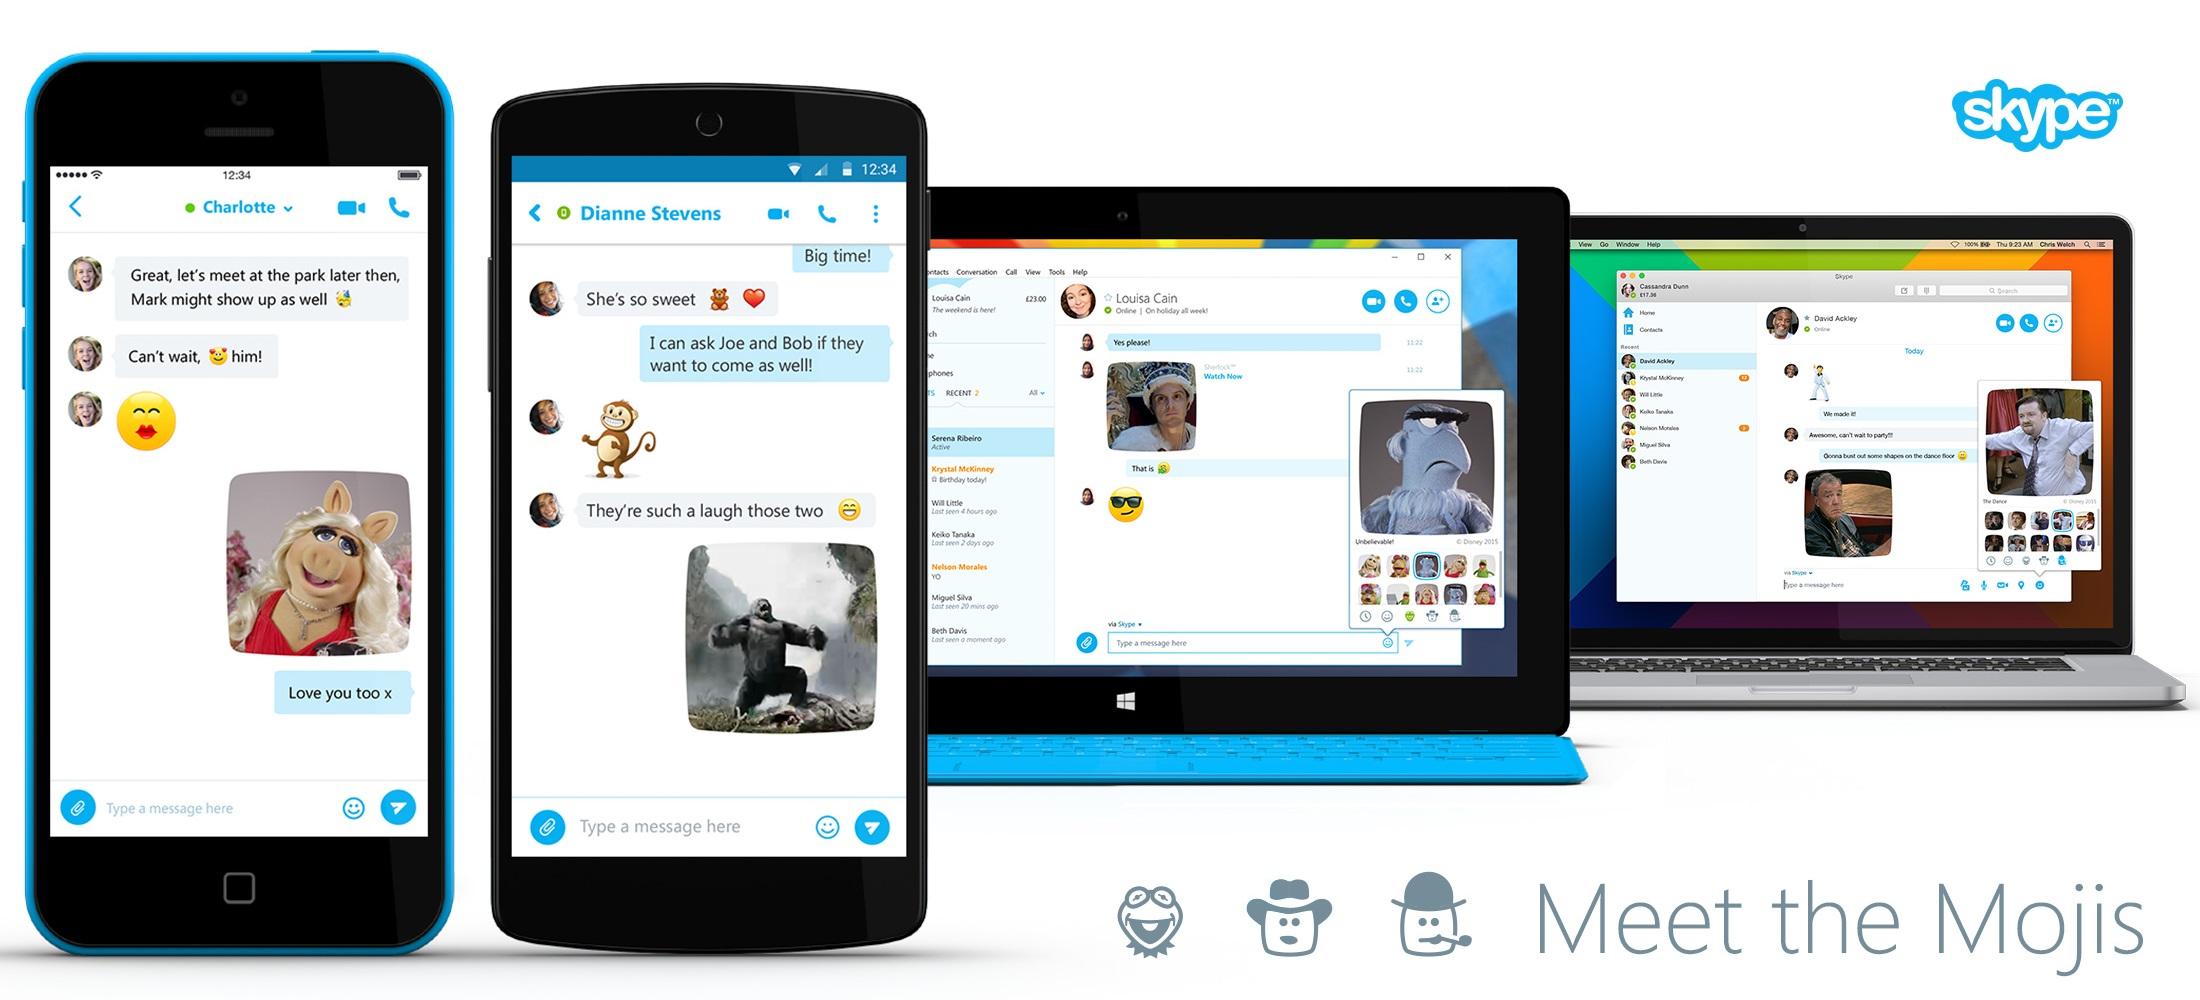 Skype travaillerait sur une toute nouvelle application multiplateforme